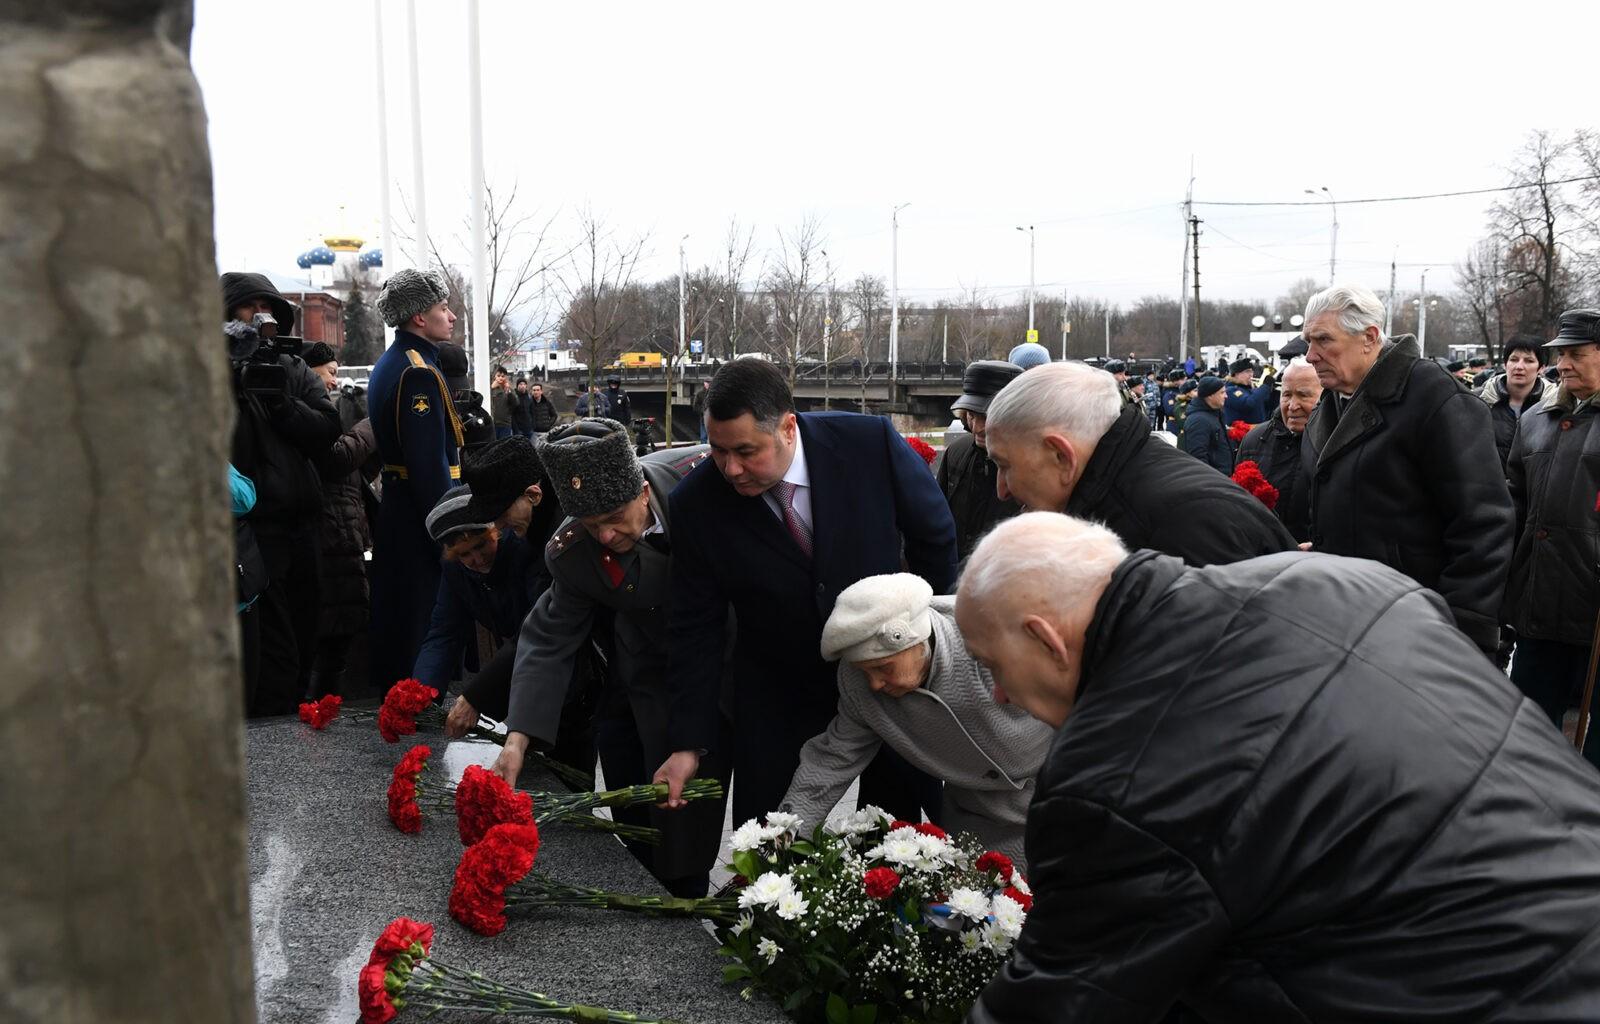 У обелиска Победы в Твери отметили 78-ю годовщину со дня освобождения Калинина